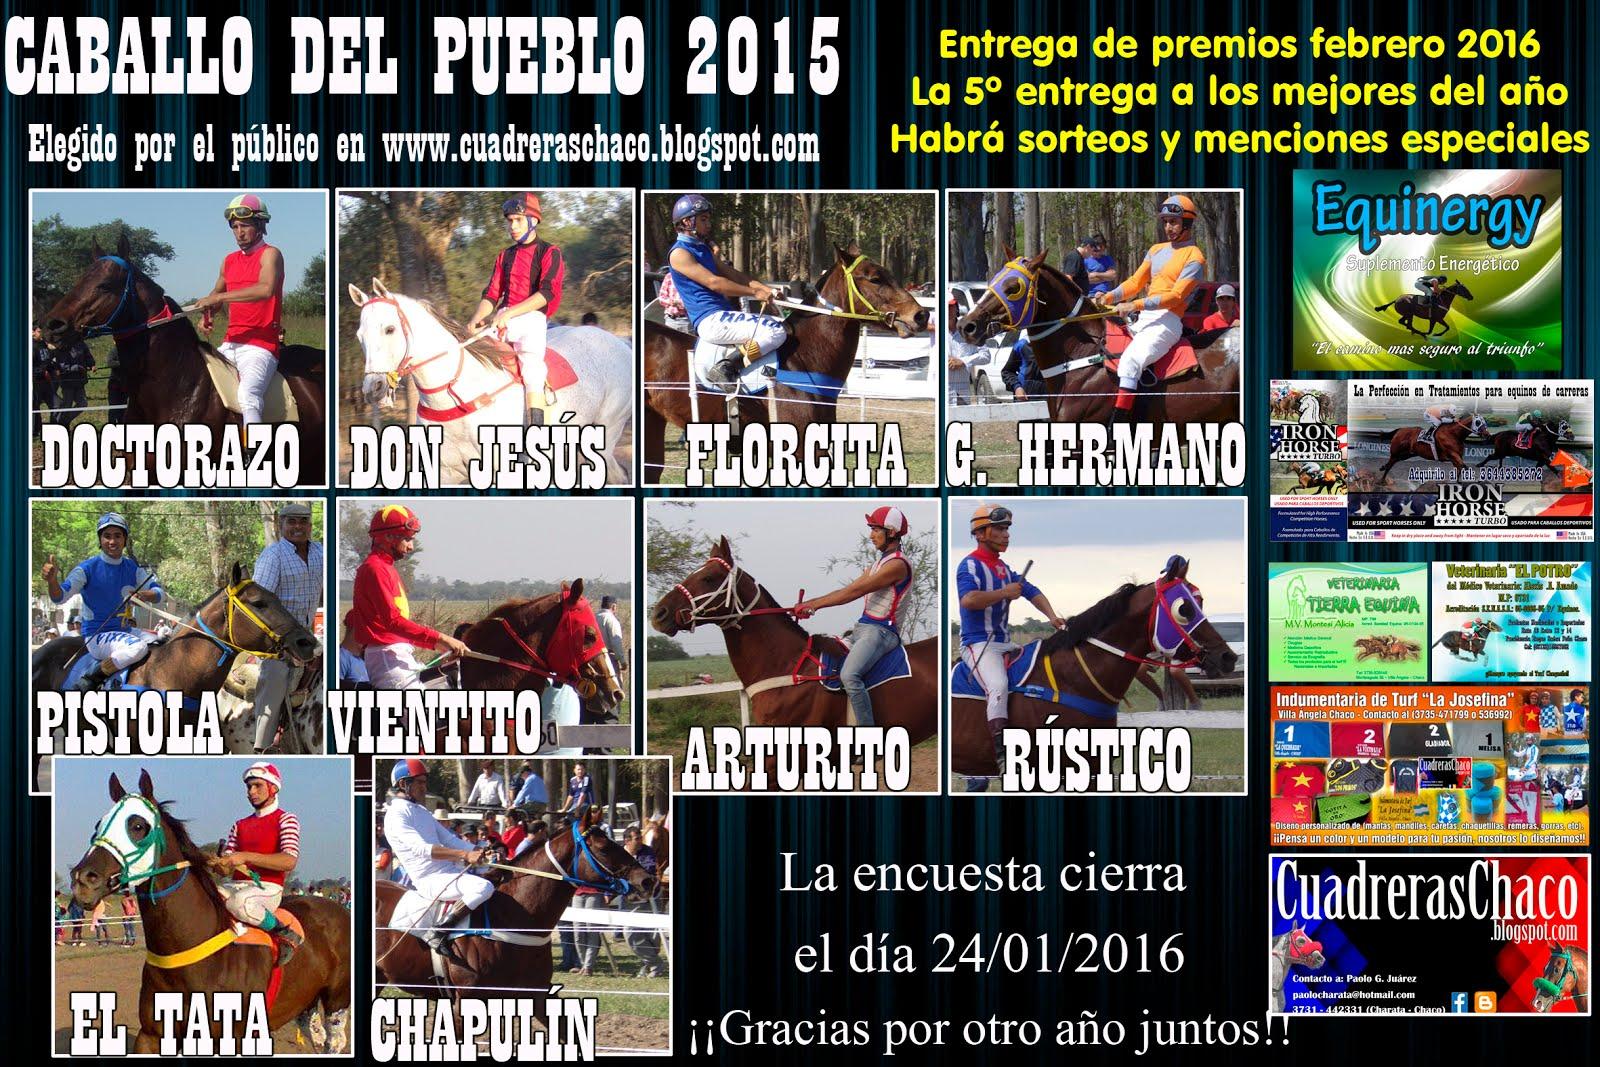 CABALLO DEL PUEBLO 2015 5-1-16